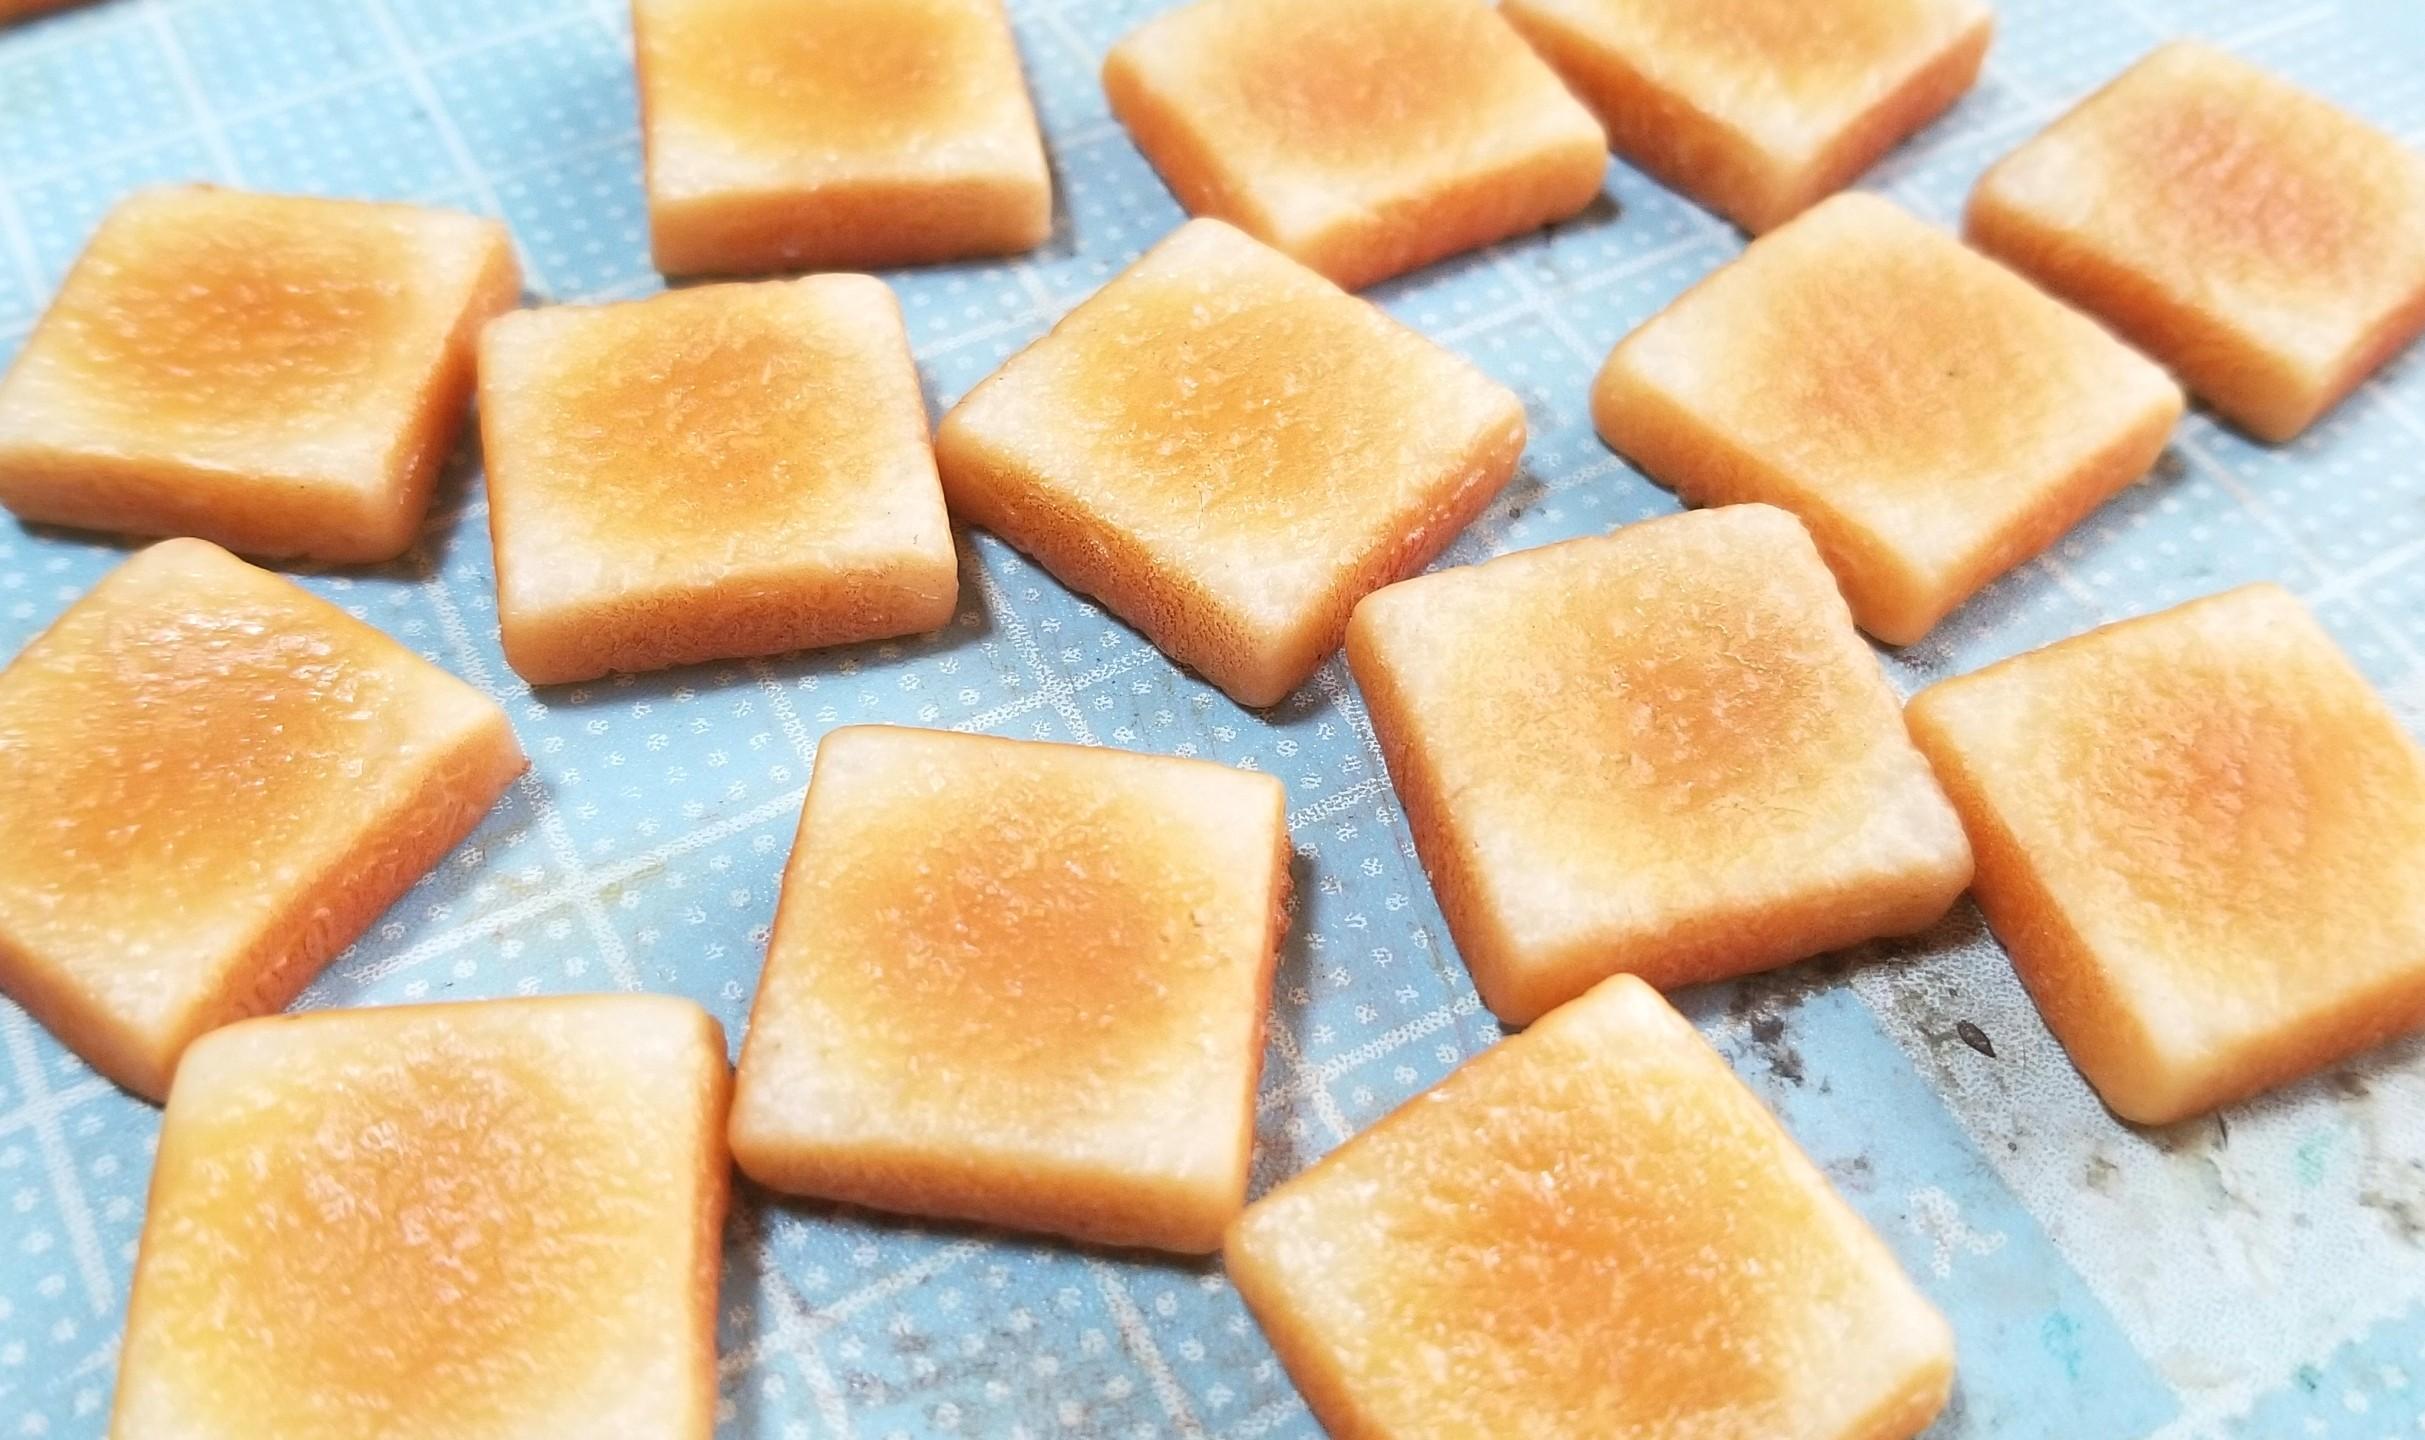 ラピュタトースト,作り方,樹脂粘土,食パン,食品サンプル,シルバニア